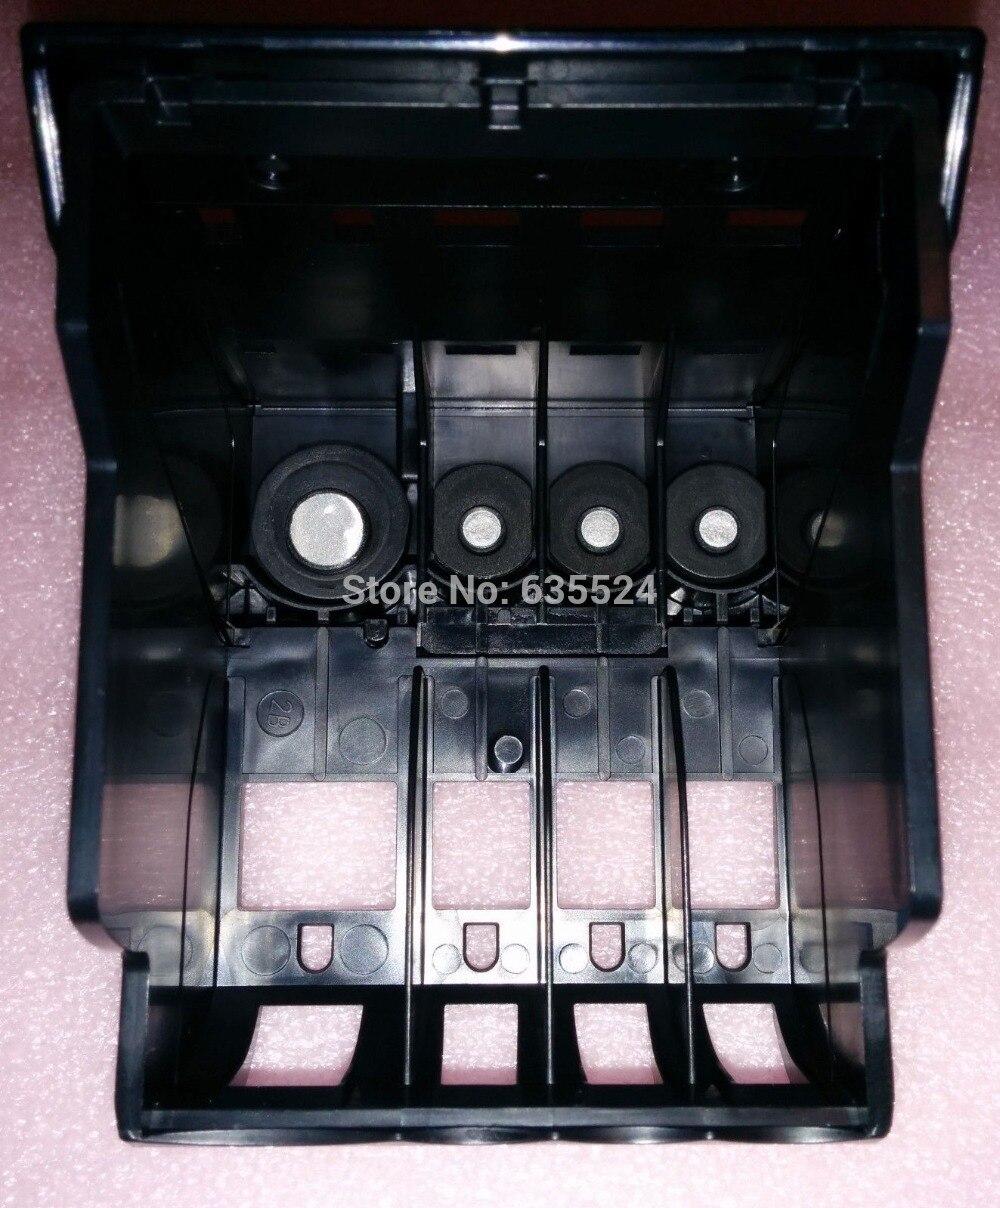 CANON S750 PRINT DRIVER